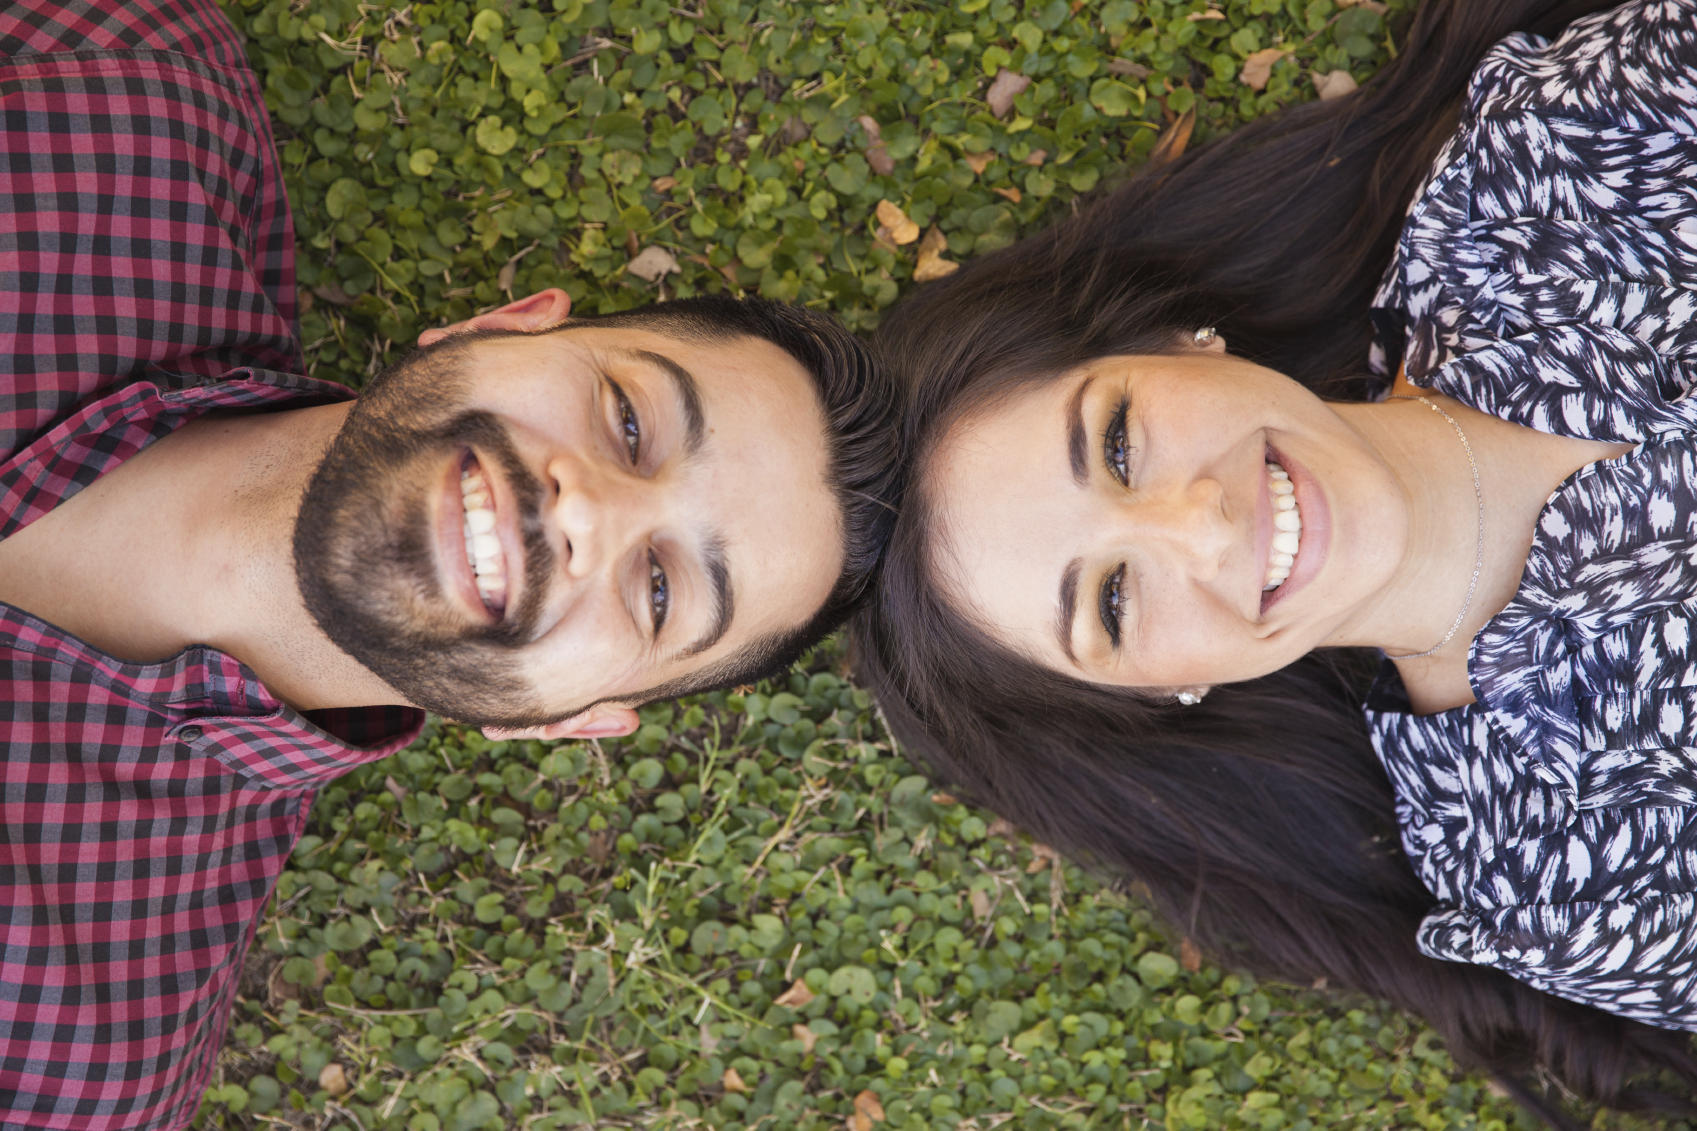 Happy Hispanic couple outdoors